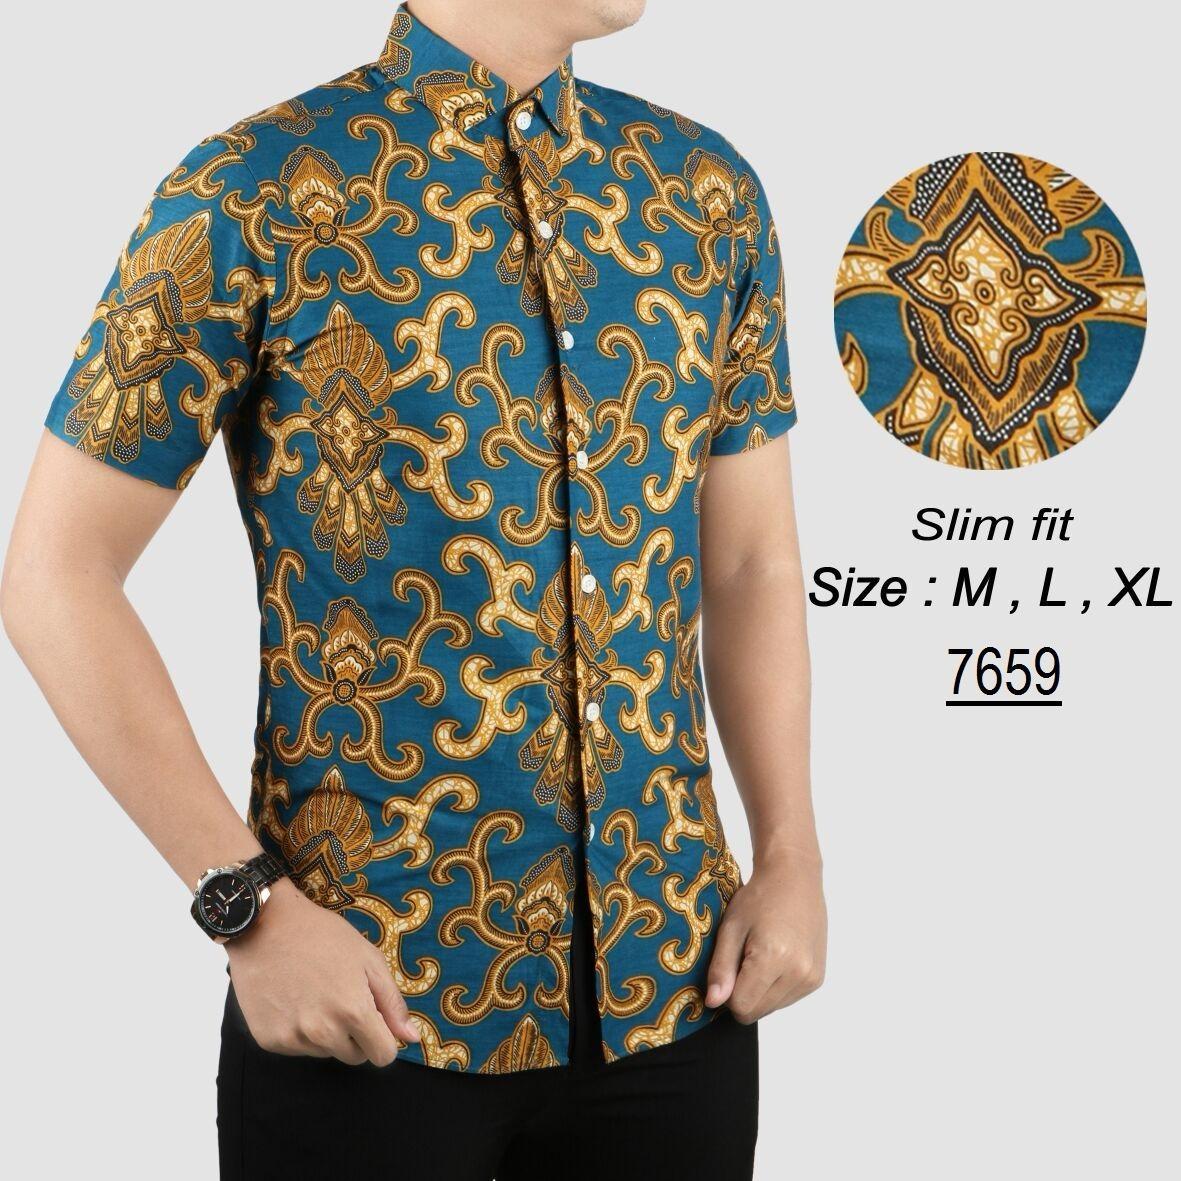 Jual Baju Batik Modern Kemeja Pria Slim Fit 7659 Termurah